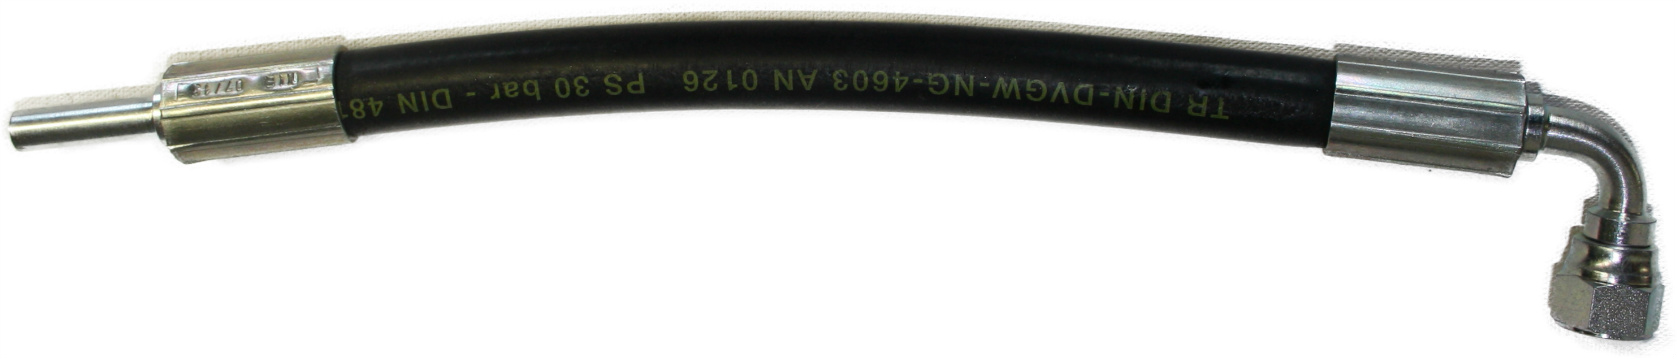 HD-Schlauch DIN 4815/4 850mm DKJ1/2